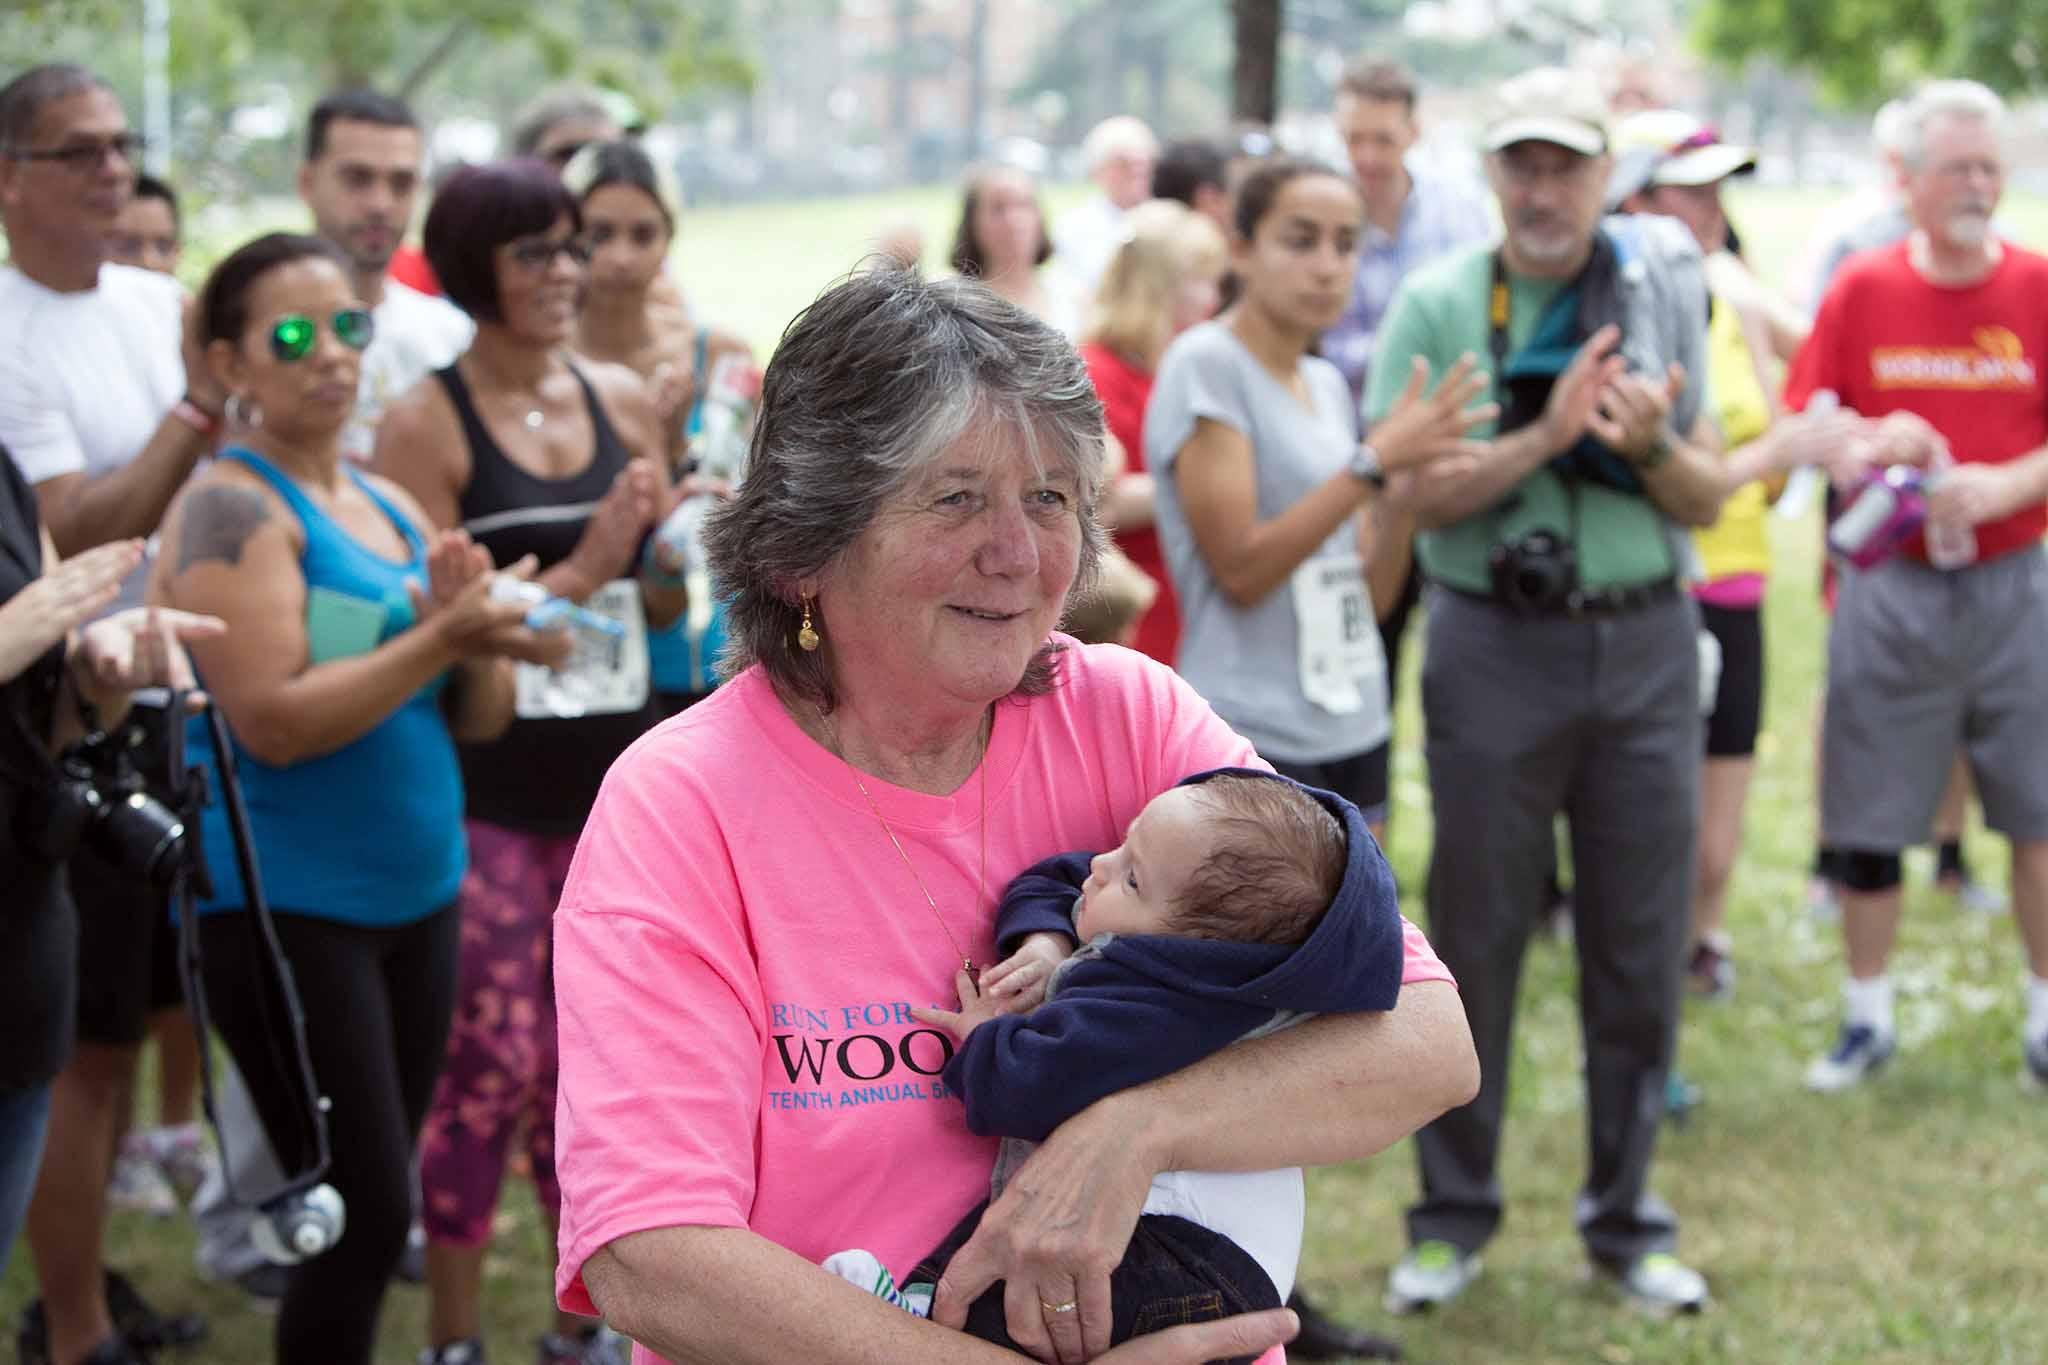 224-Woodlawn Run for a Cause-639.jpg